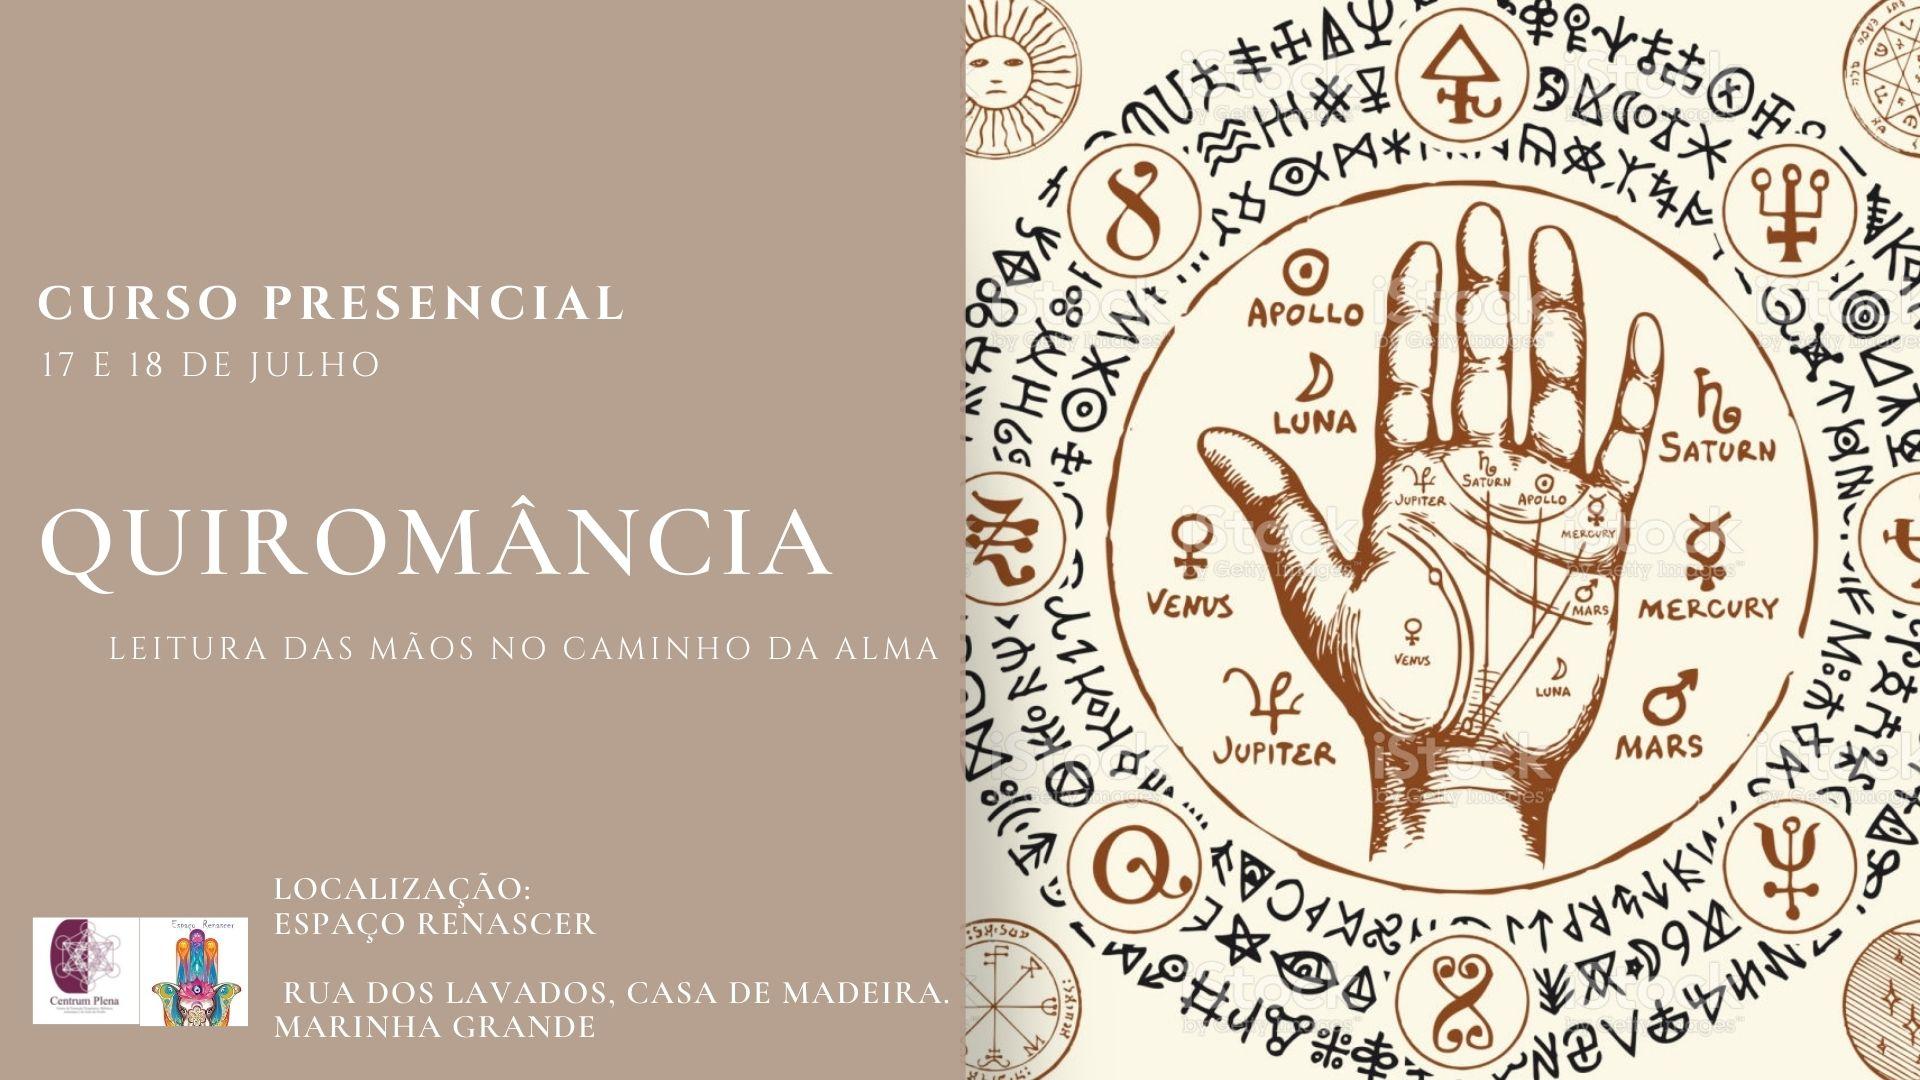 Curso de Quiromancia - Leitura das mãos no caminho da alma